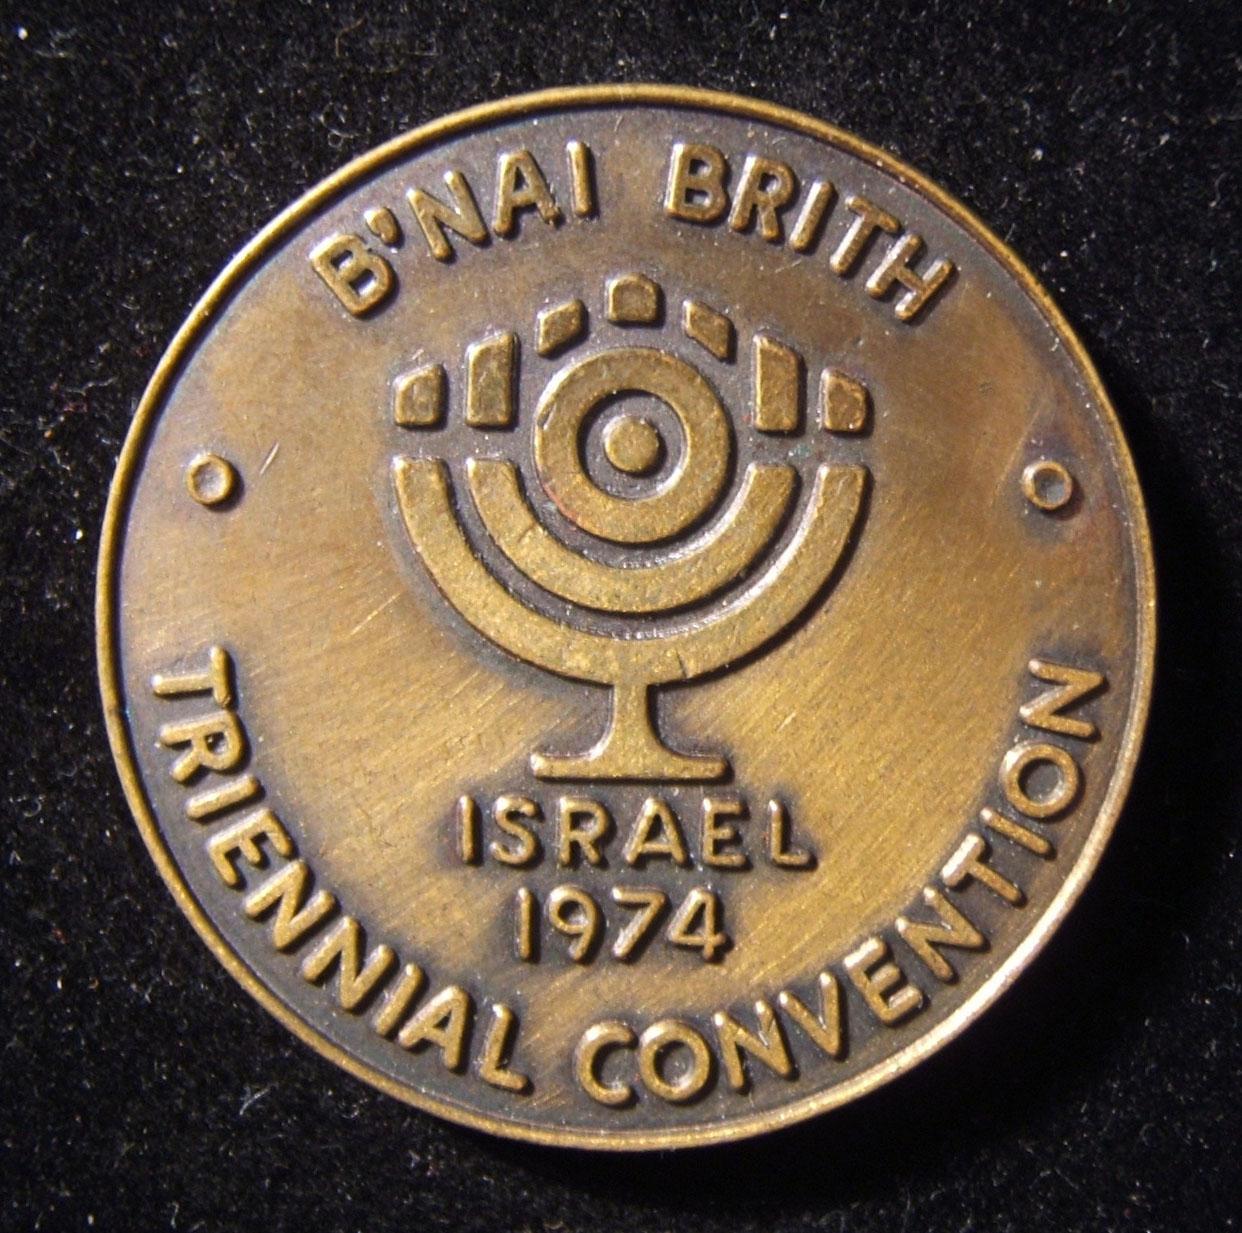 ميدالية يهودية إسرائيلية / إسرائيلية من أجل مؤتمر حديقة بني بريث في القدس ، 1974